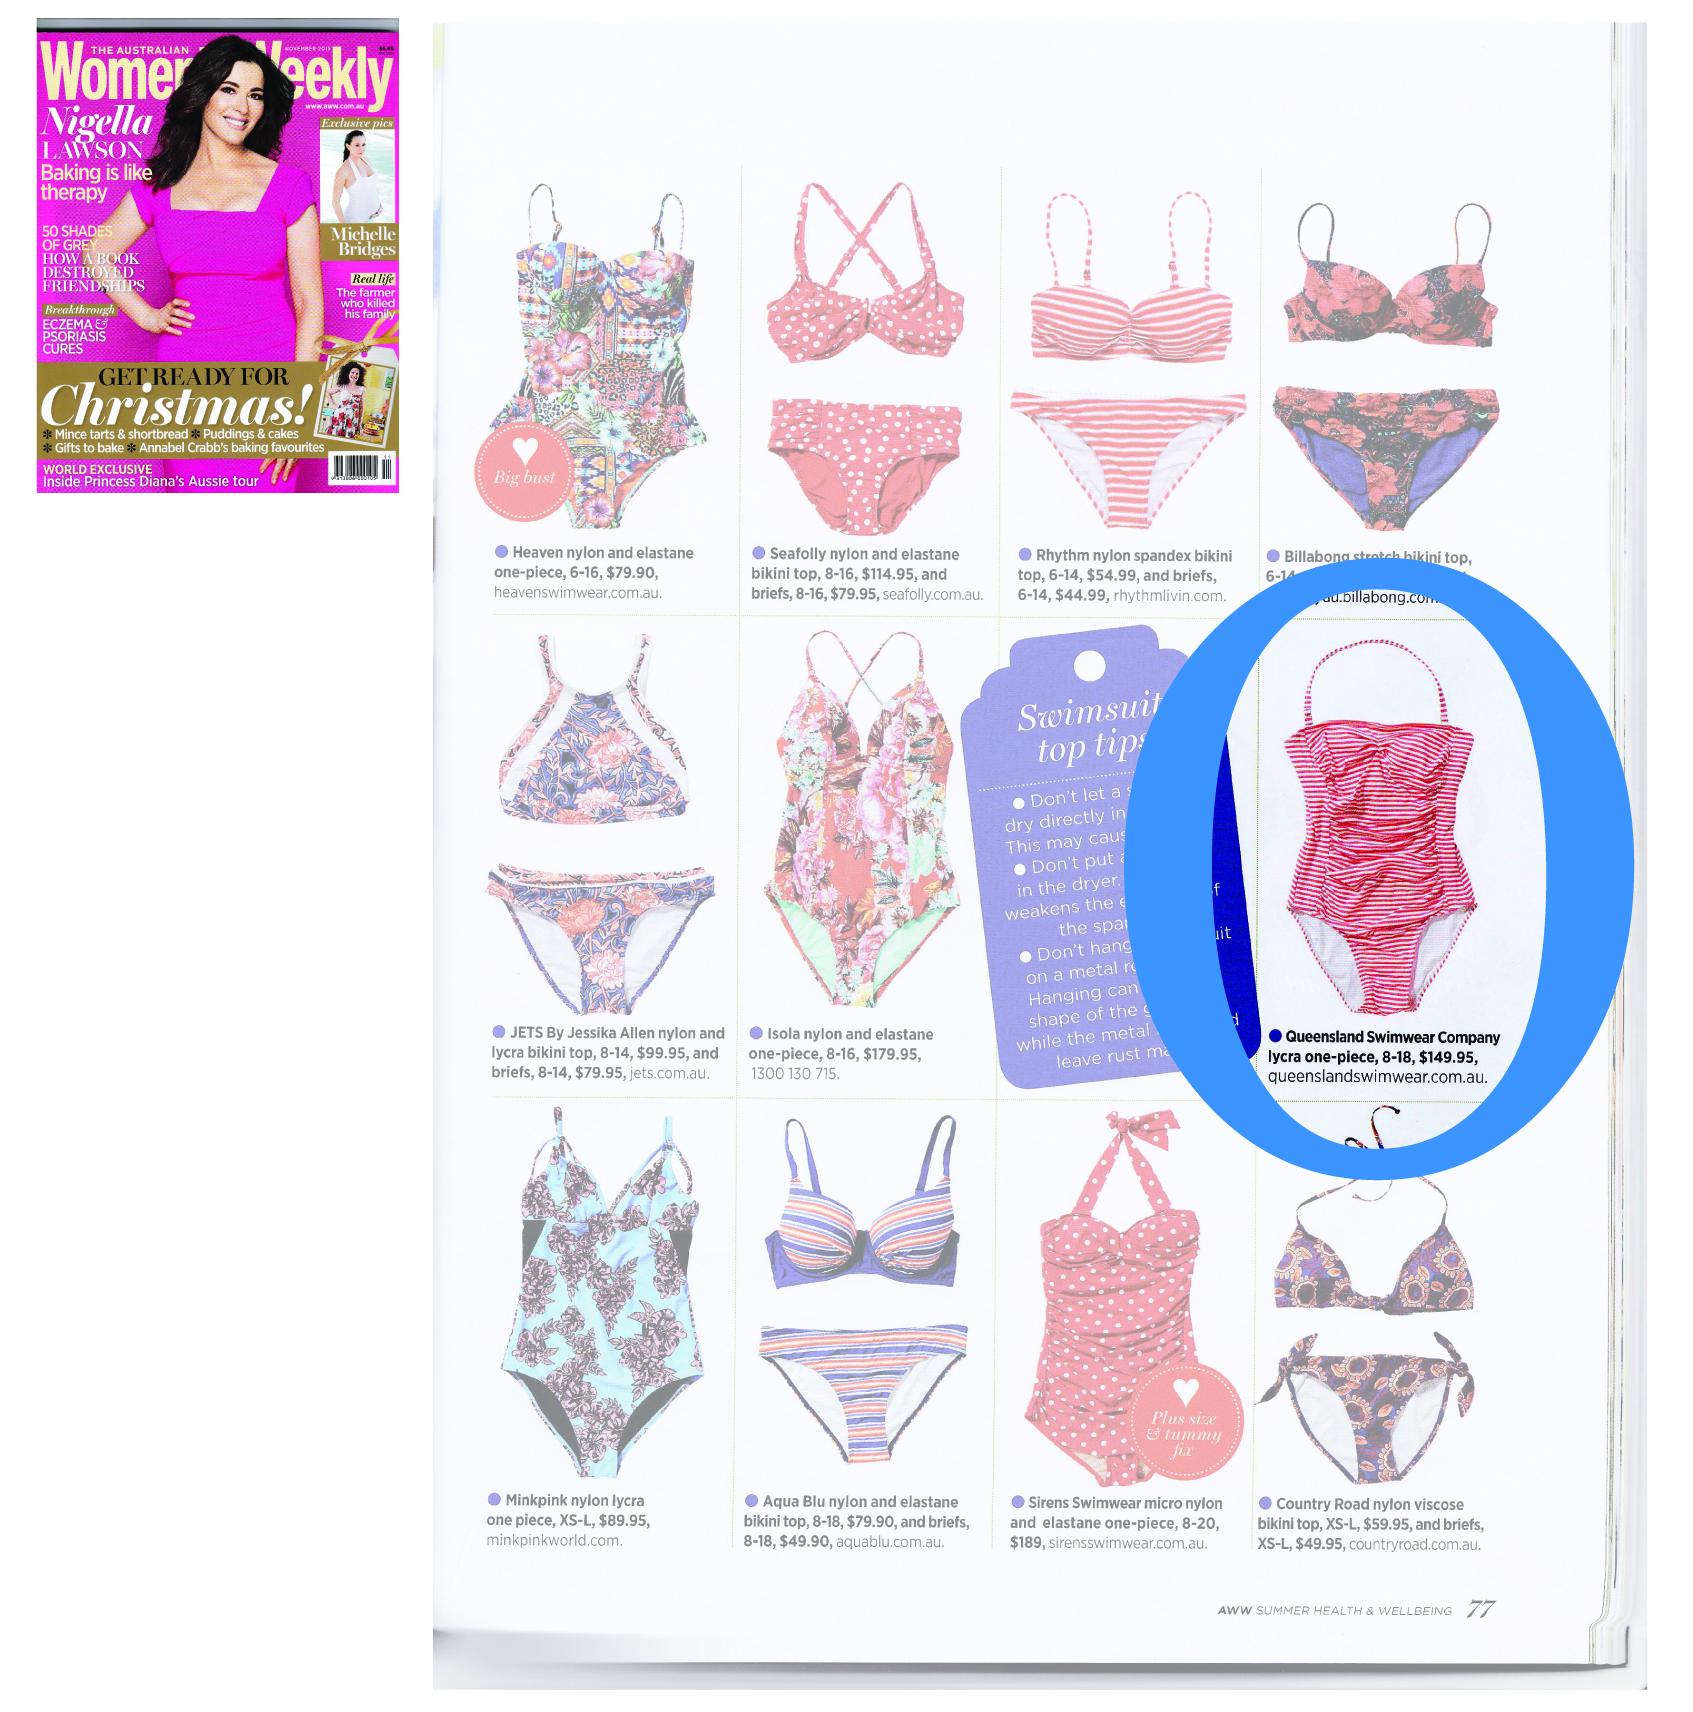 womens-weekly-nov-15-swimsuit-top-tips-01.jpg